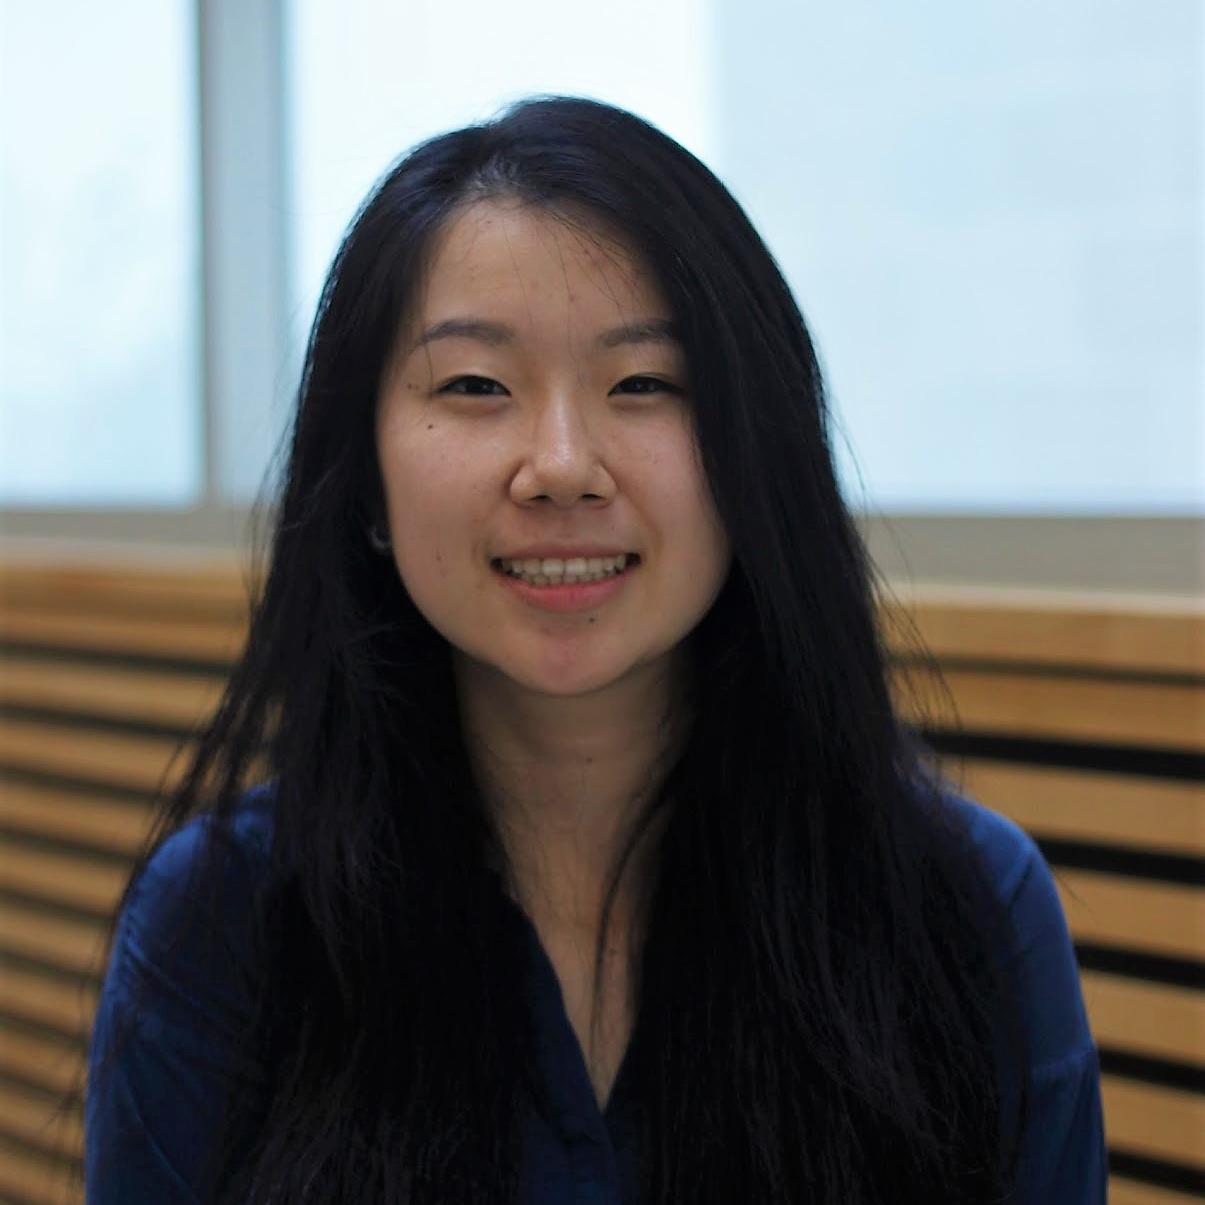 Ophela Zhang